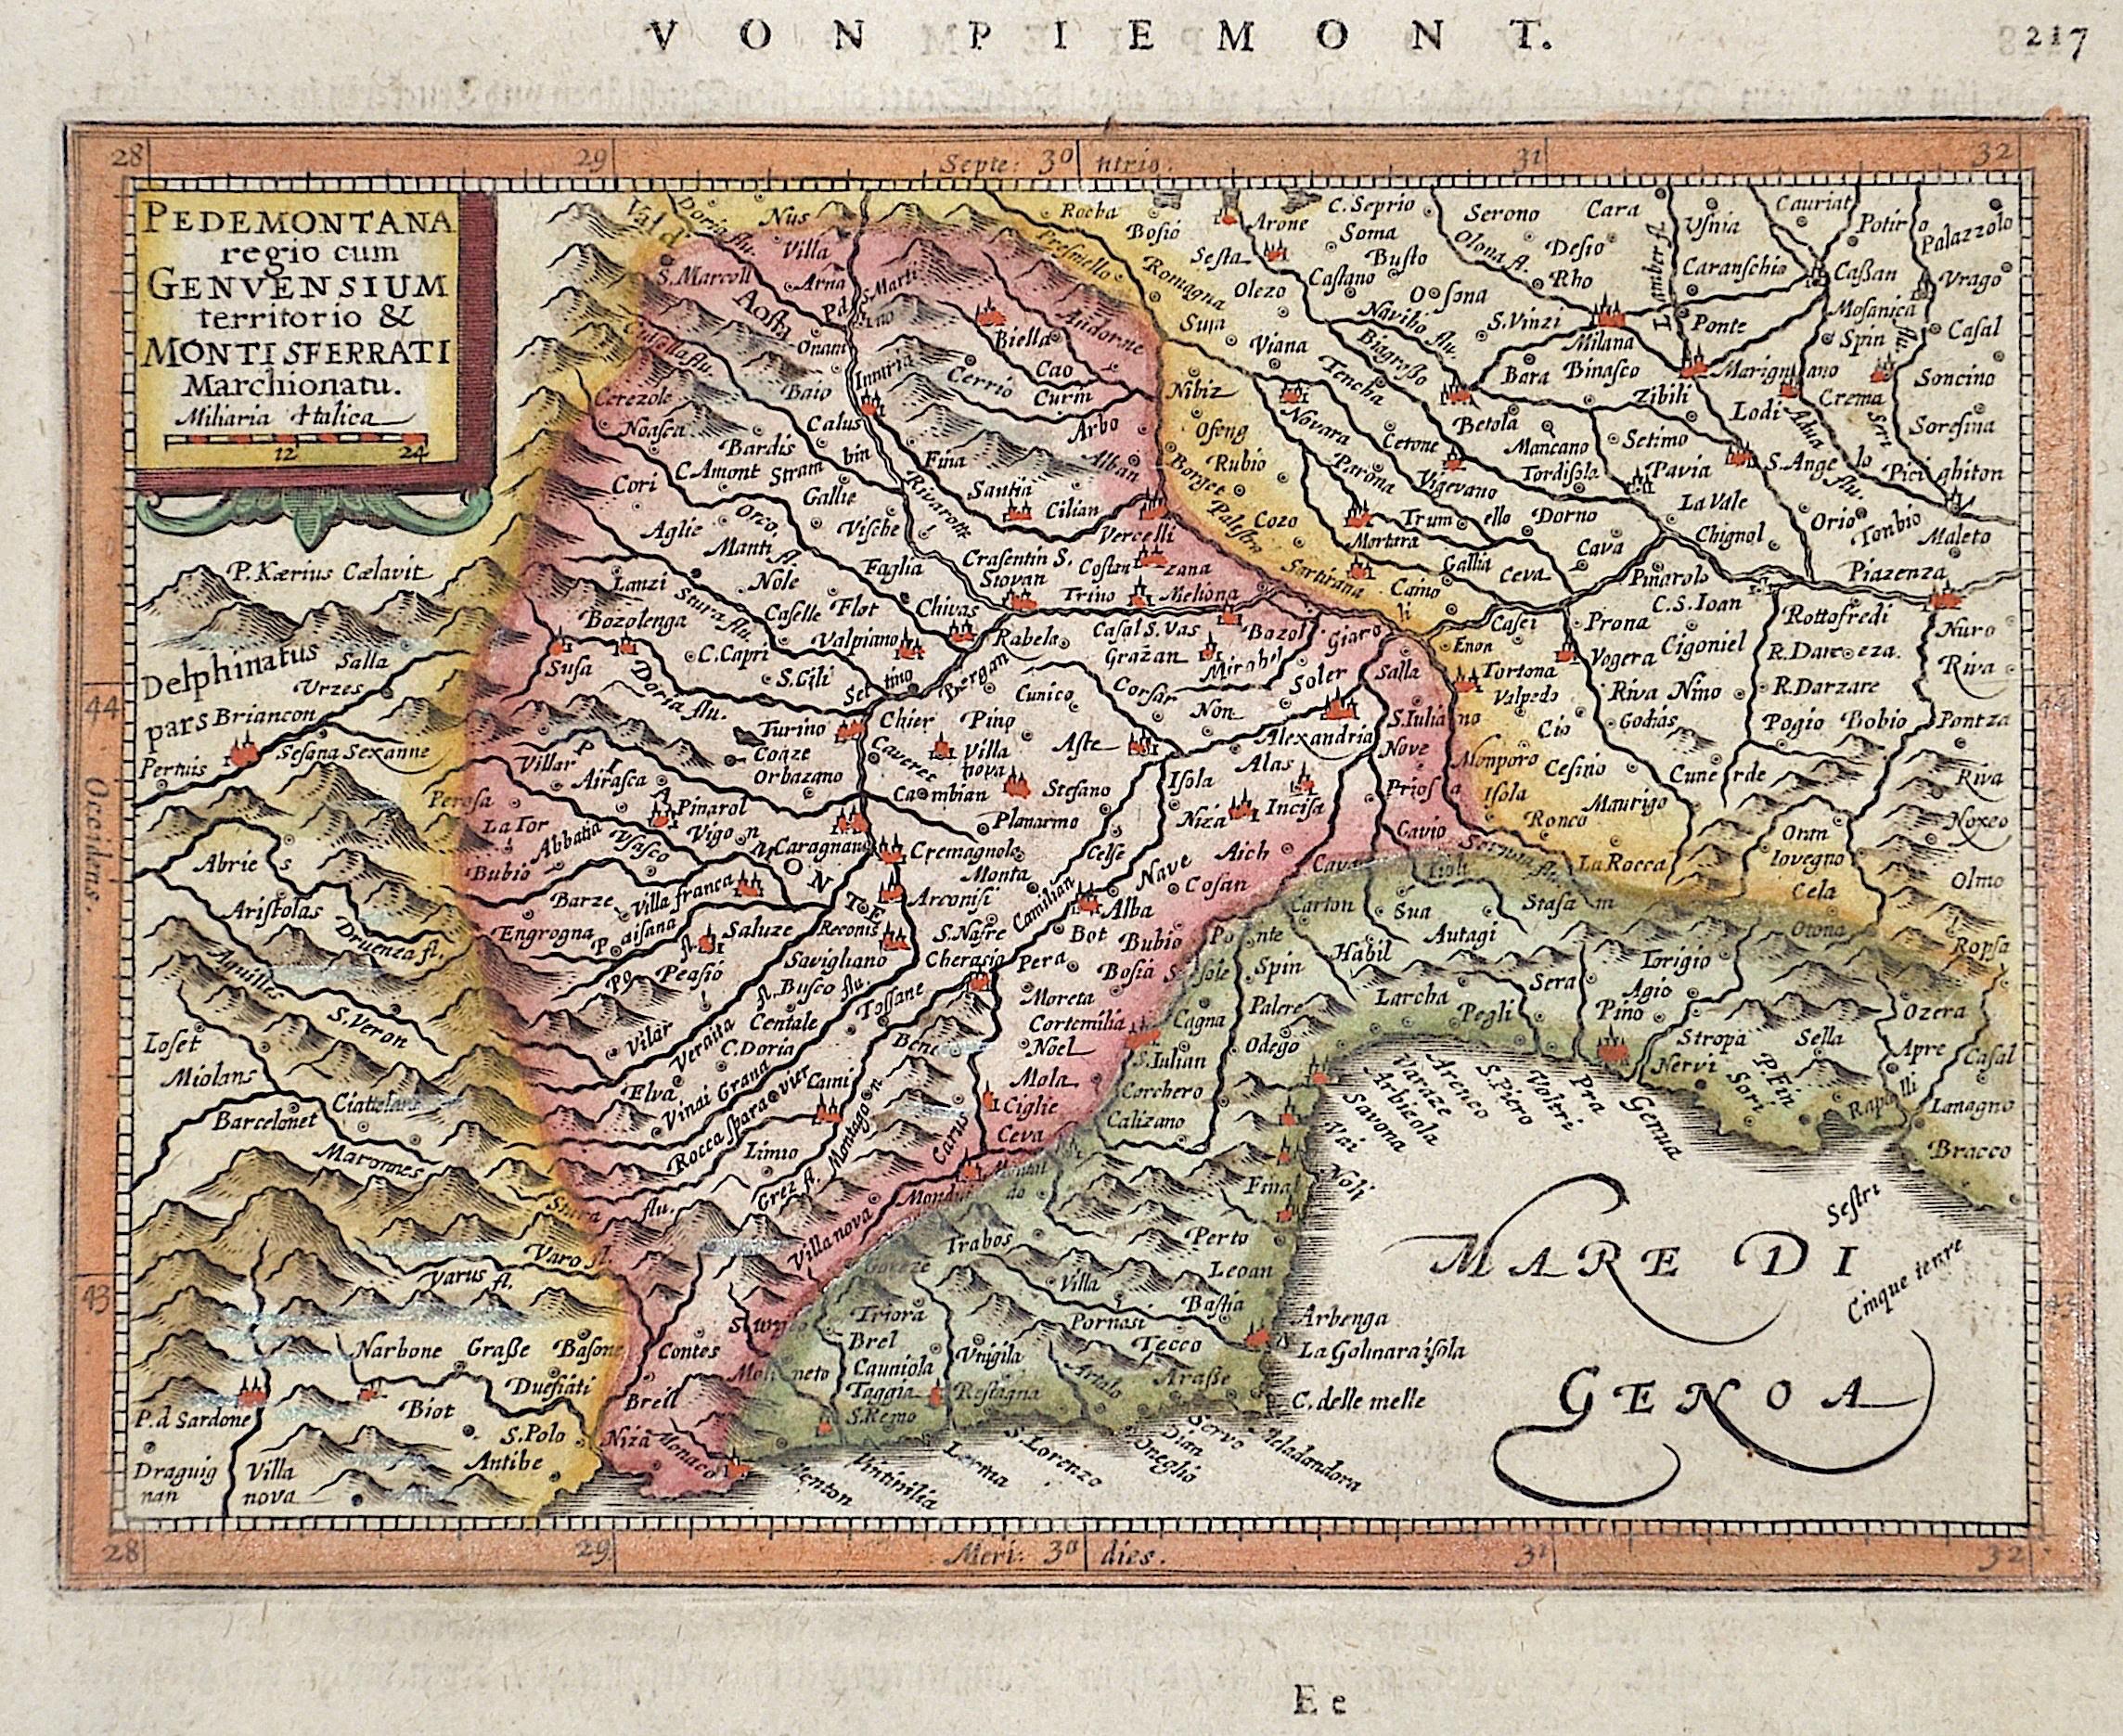 Mercator Gehard Pedemontana  regio cum Genuensium territorio /Montisferrati marchionatu